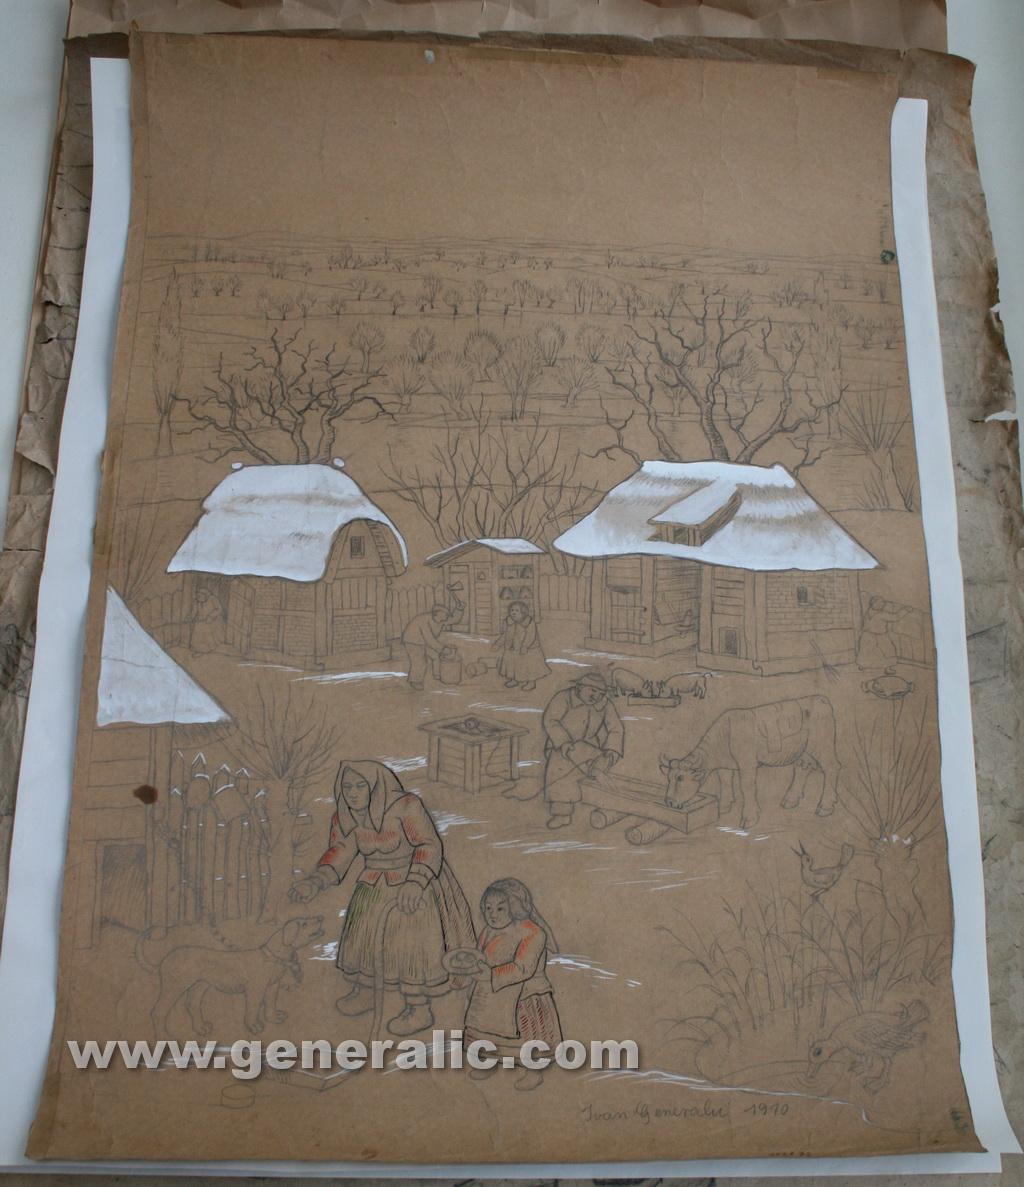 Ivan Generalic, 1970, Feeding a dog, drawing, 102x72 cm